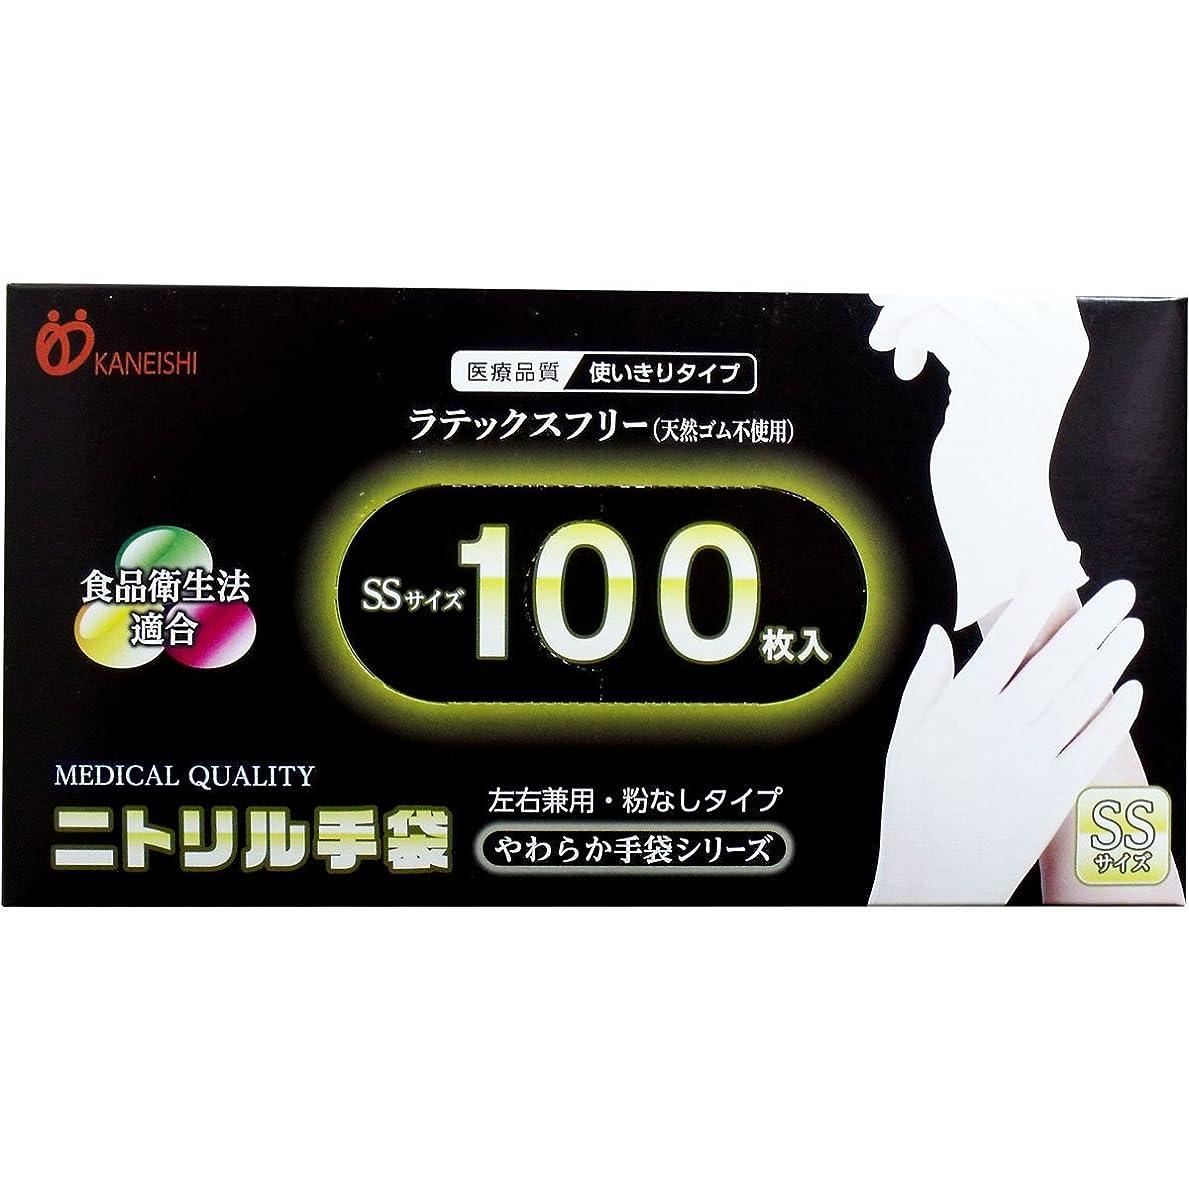 つかまえる娯楽理論ノンパウダータイプ 手軽に使い捨て出来る 衛生的 やわらかニトリル手袋 パウダーフリー 100枚入 SSサイズ